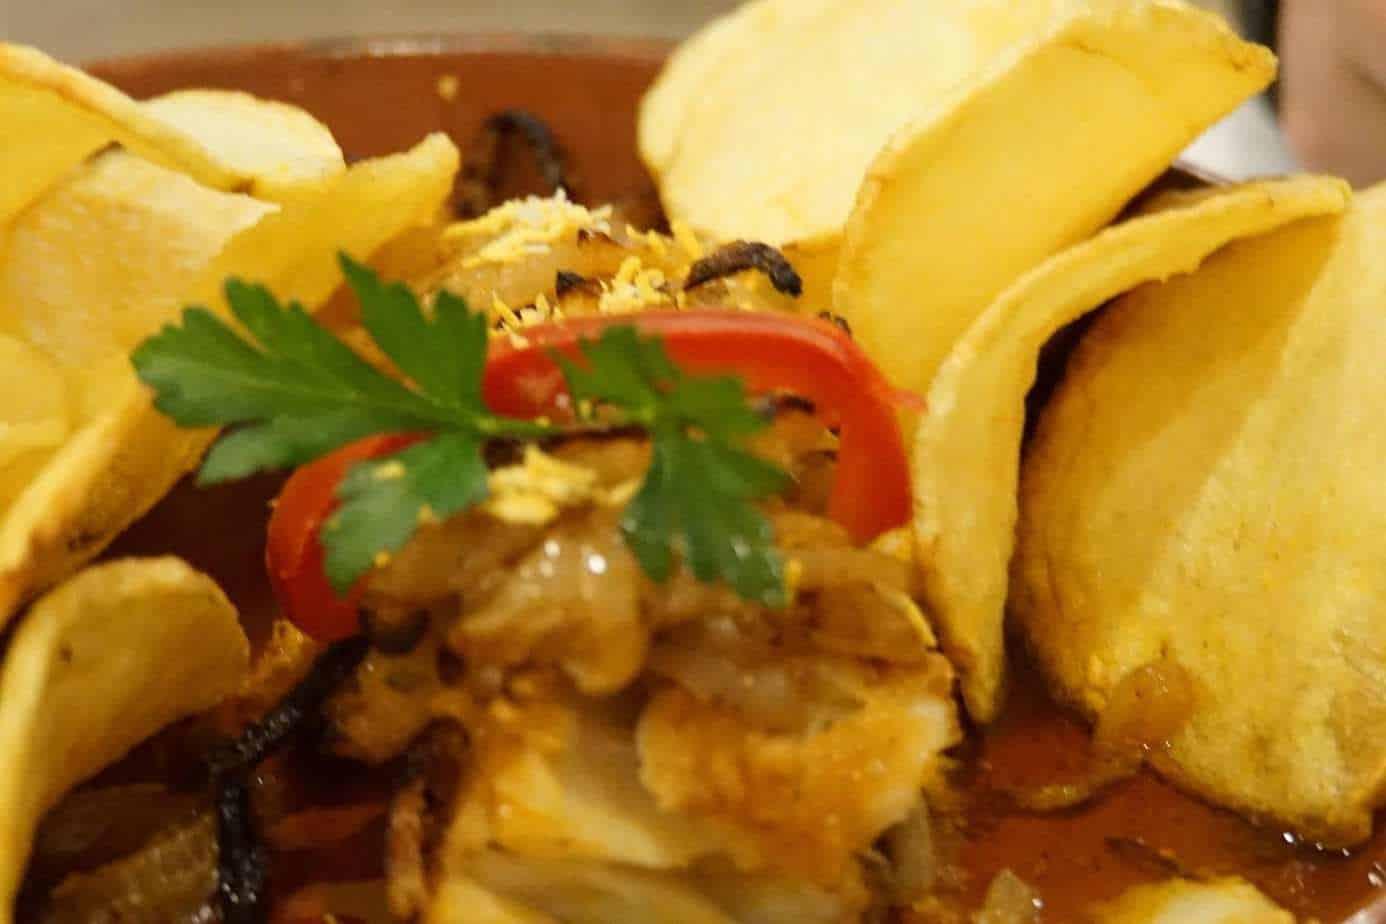 ExploreTraveler Presents: Exploring Lisbon Portugal Part 1 - A close up of a plate of food - Lisbon